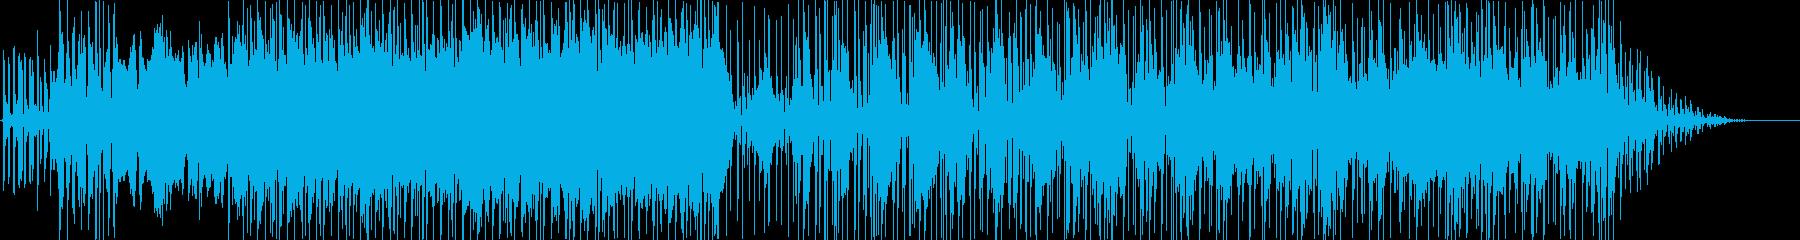 繰り返されるリズミカルなエレクトロ...の再生済みの波形